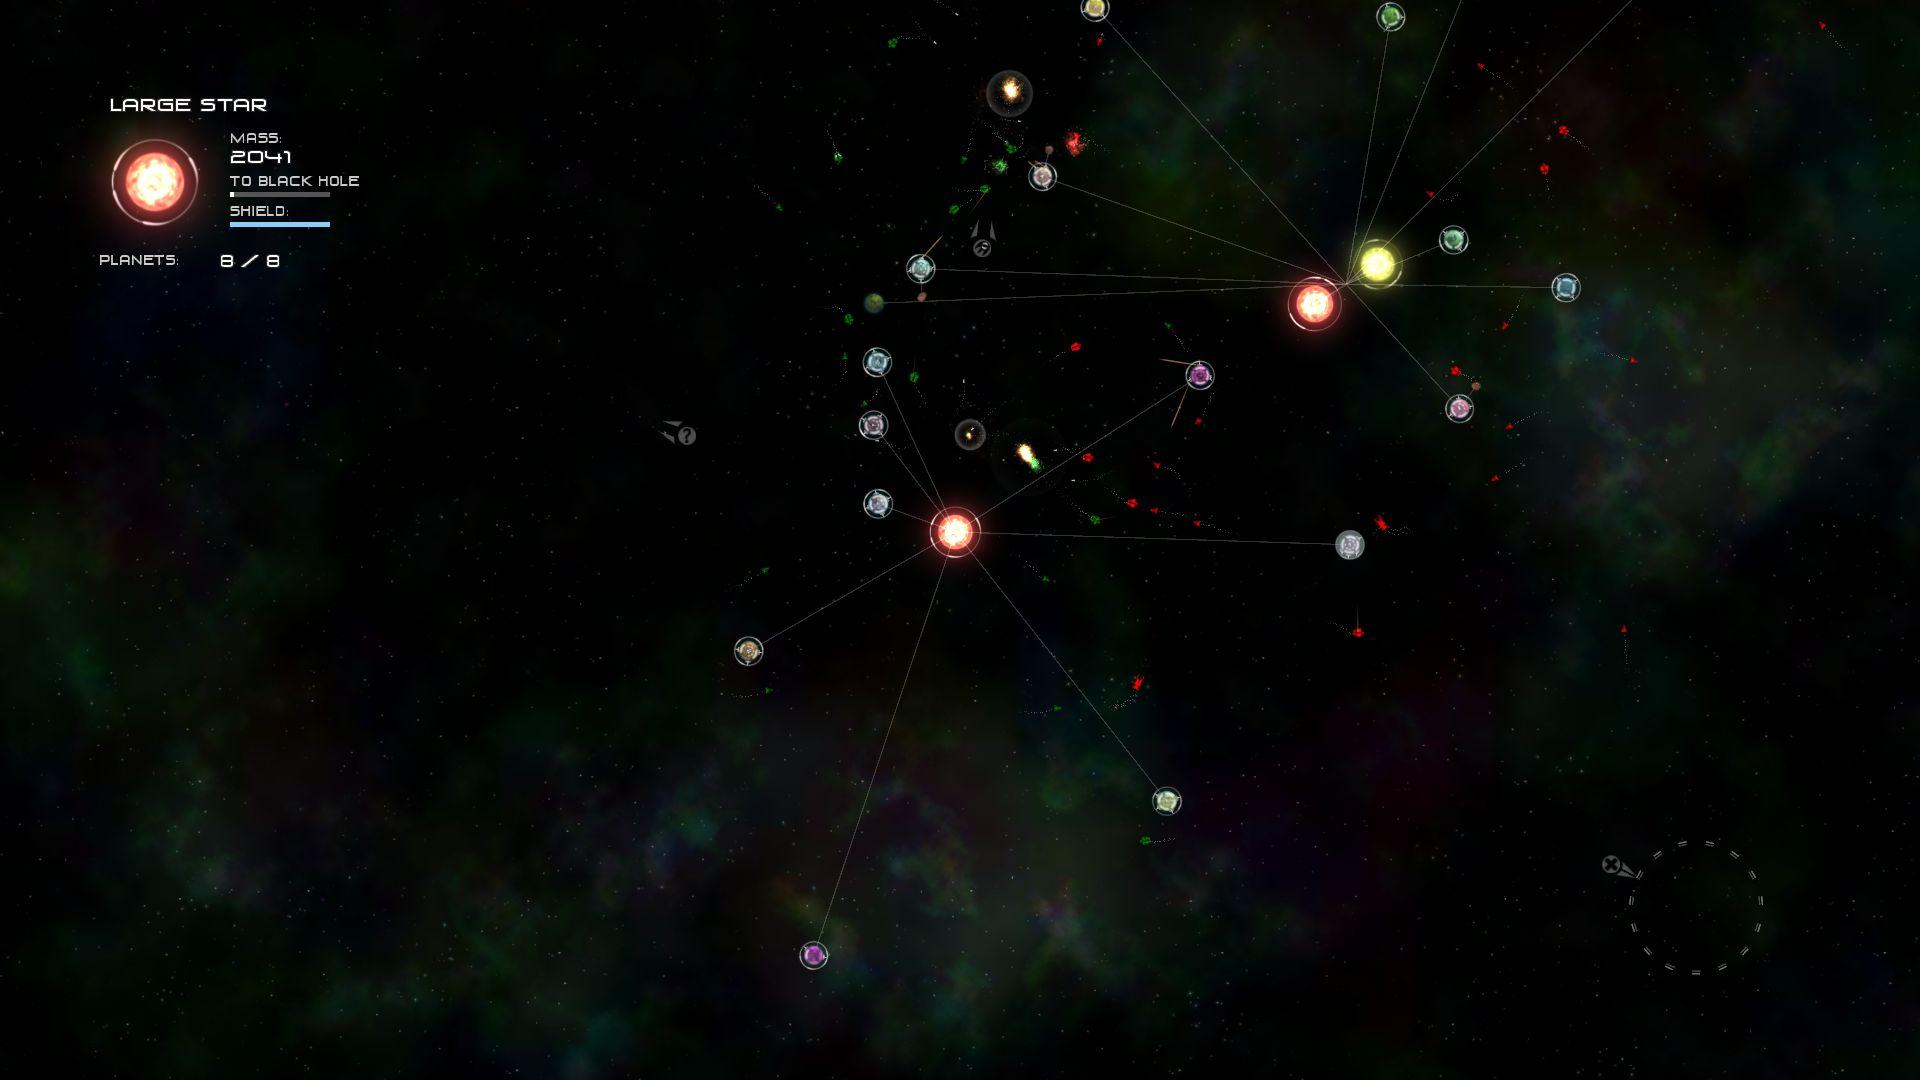 Скачать симулятор вселенной solar 2 через торрент